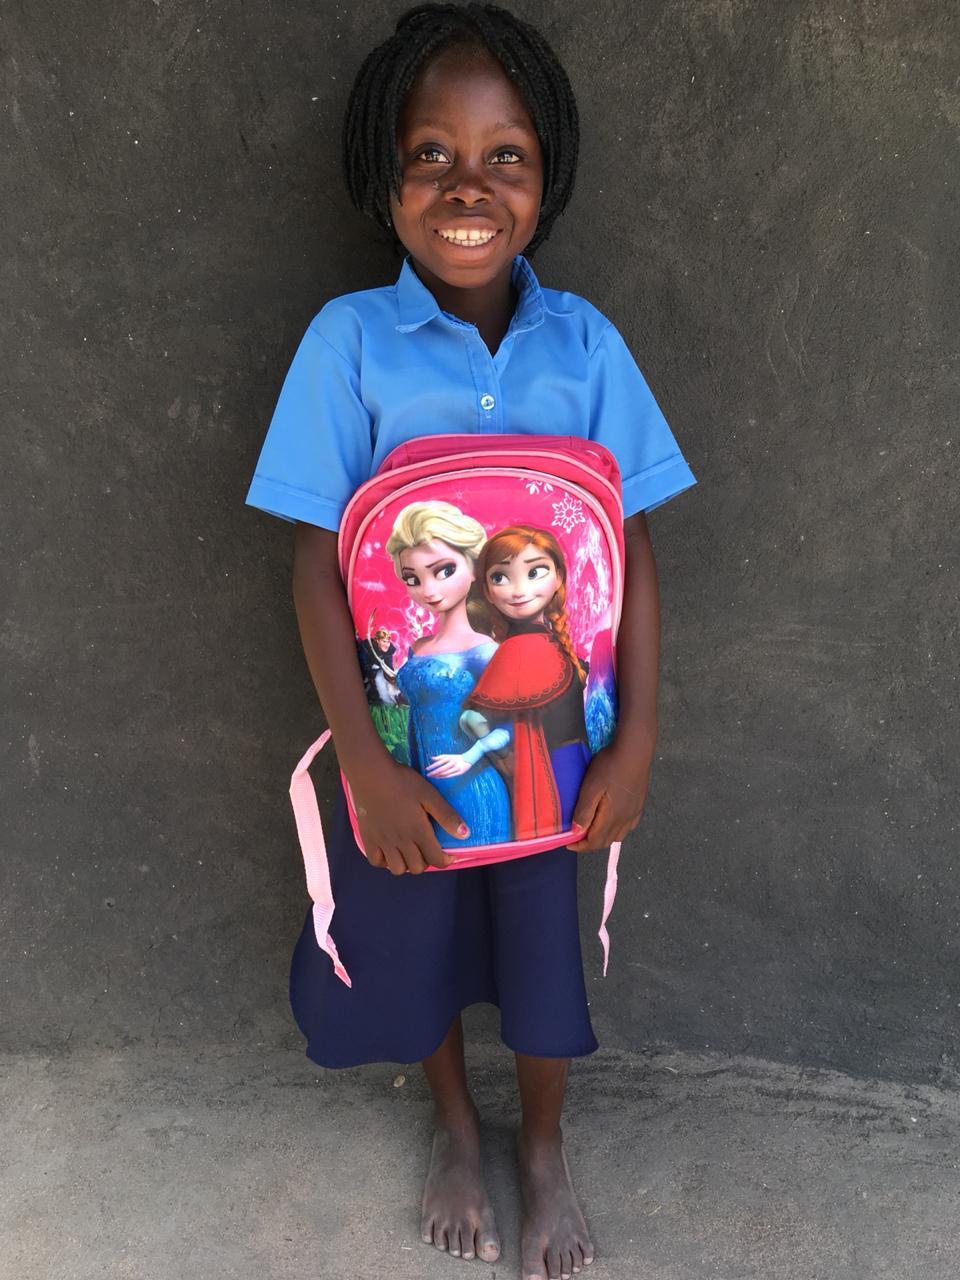 kurandza-girls-first-day-of-school-16.jpeg